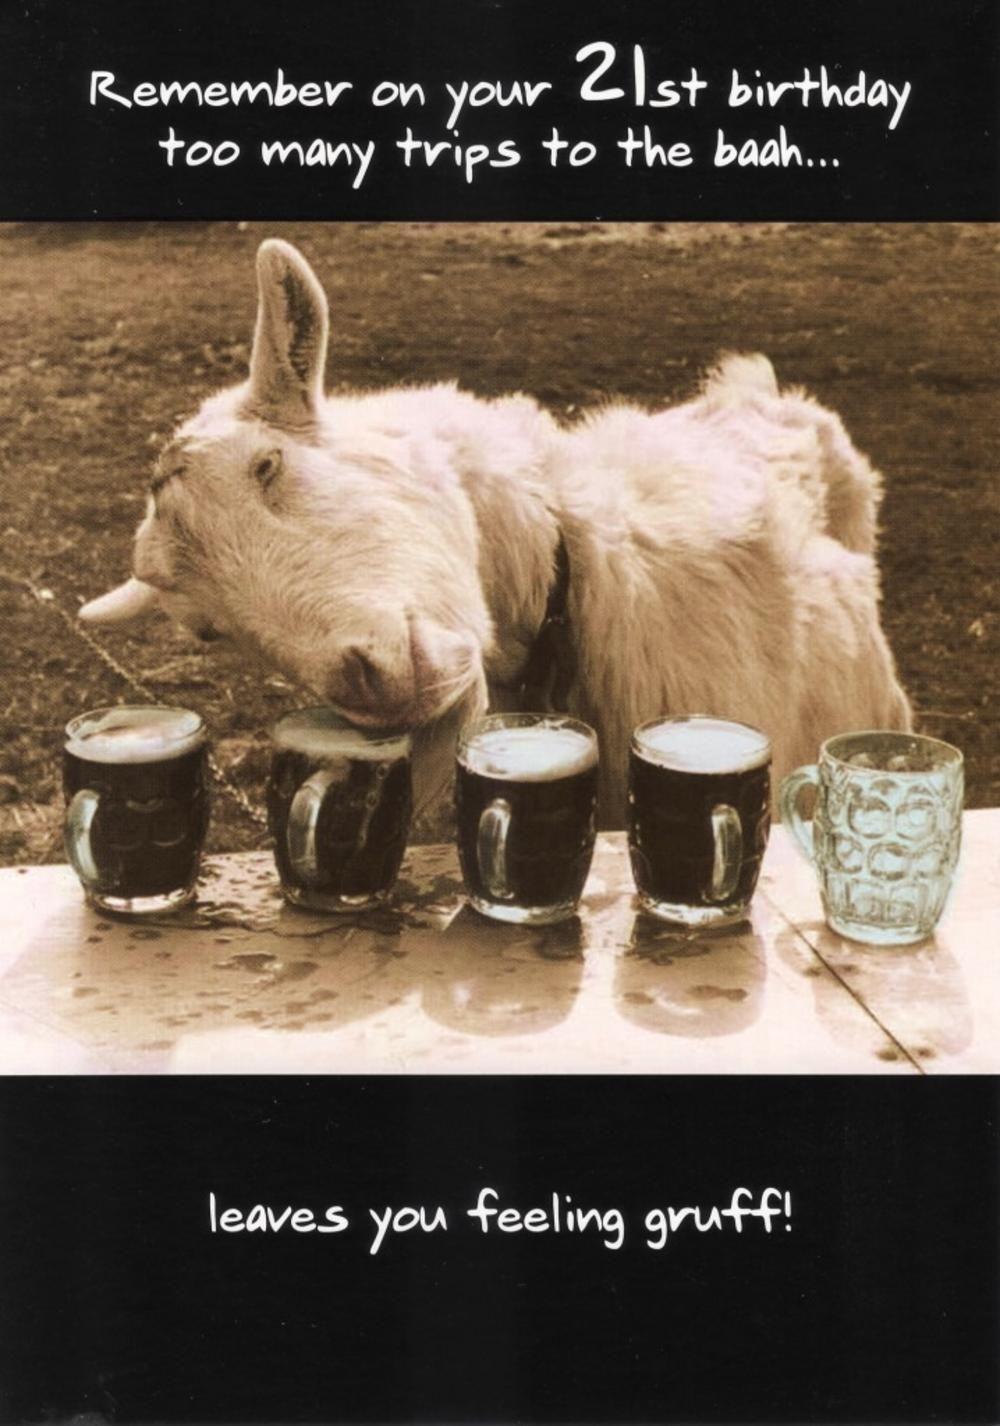 портрет, смешные картинки пиво козел настенное панно